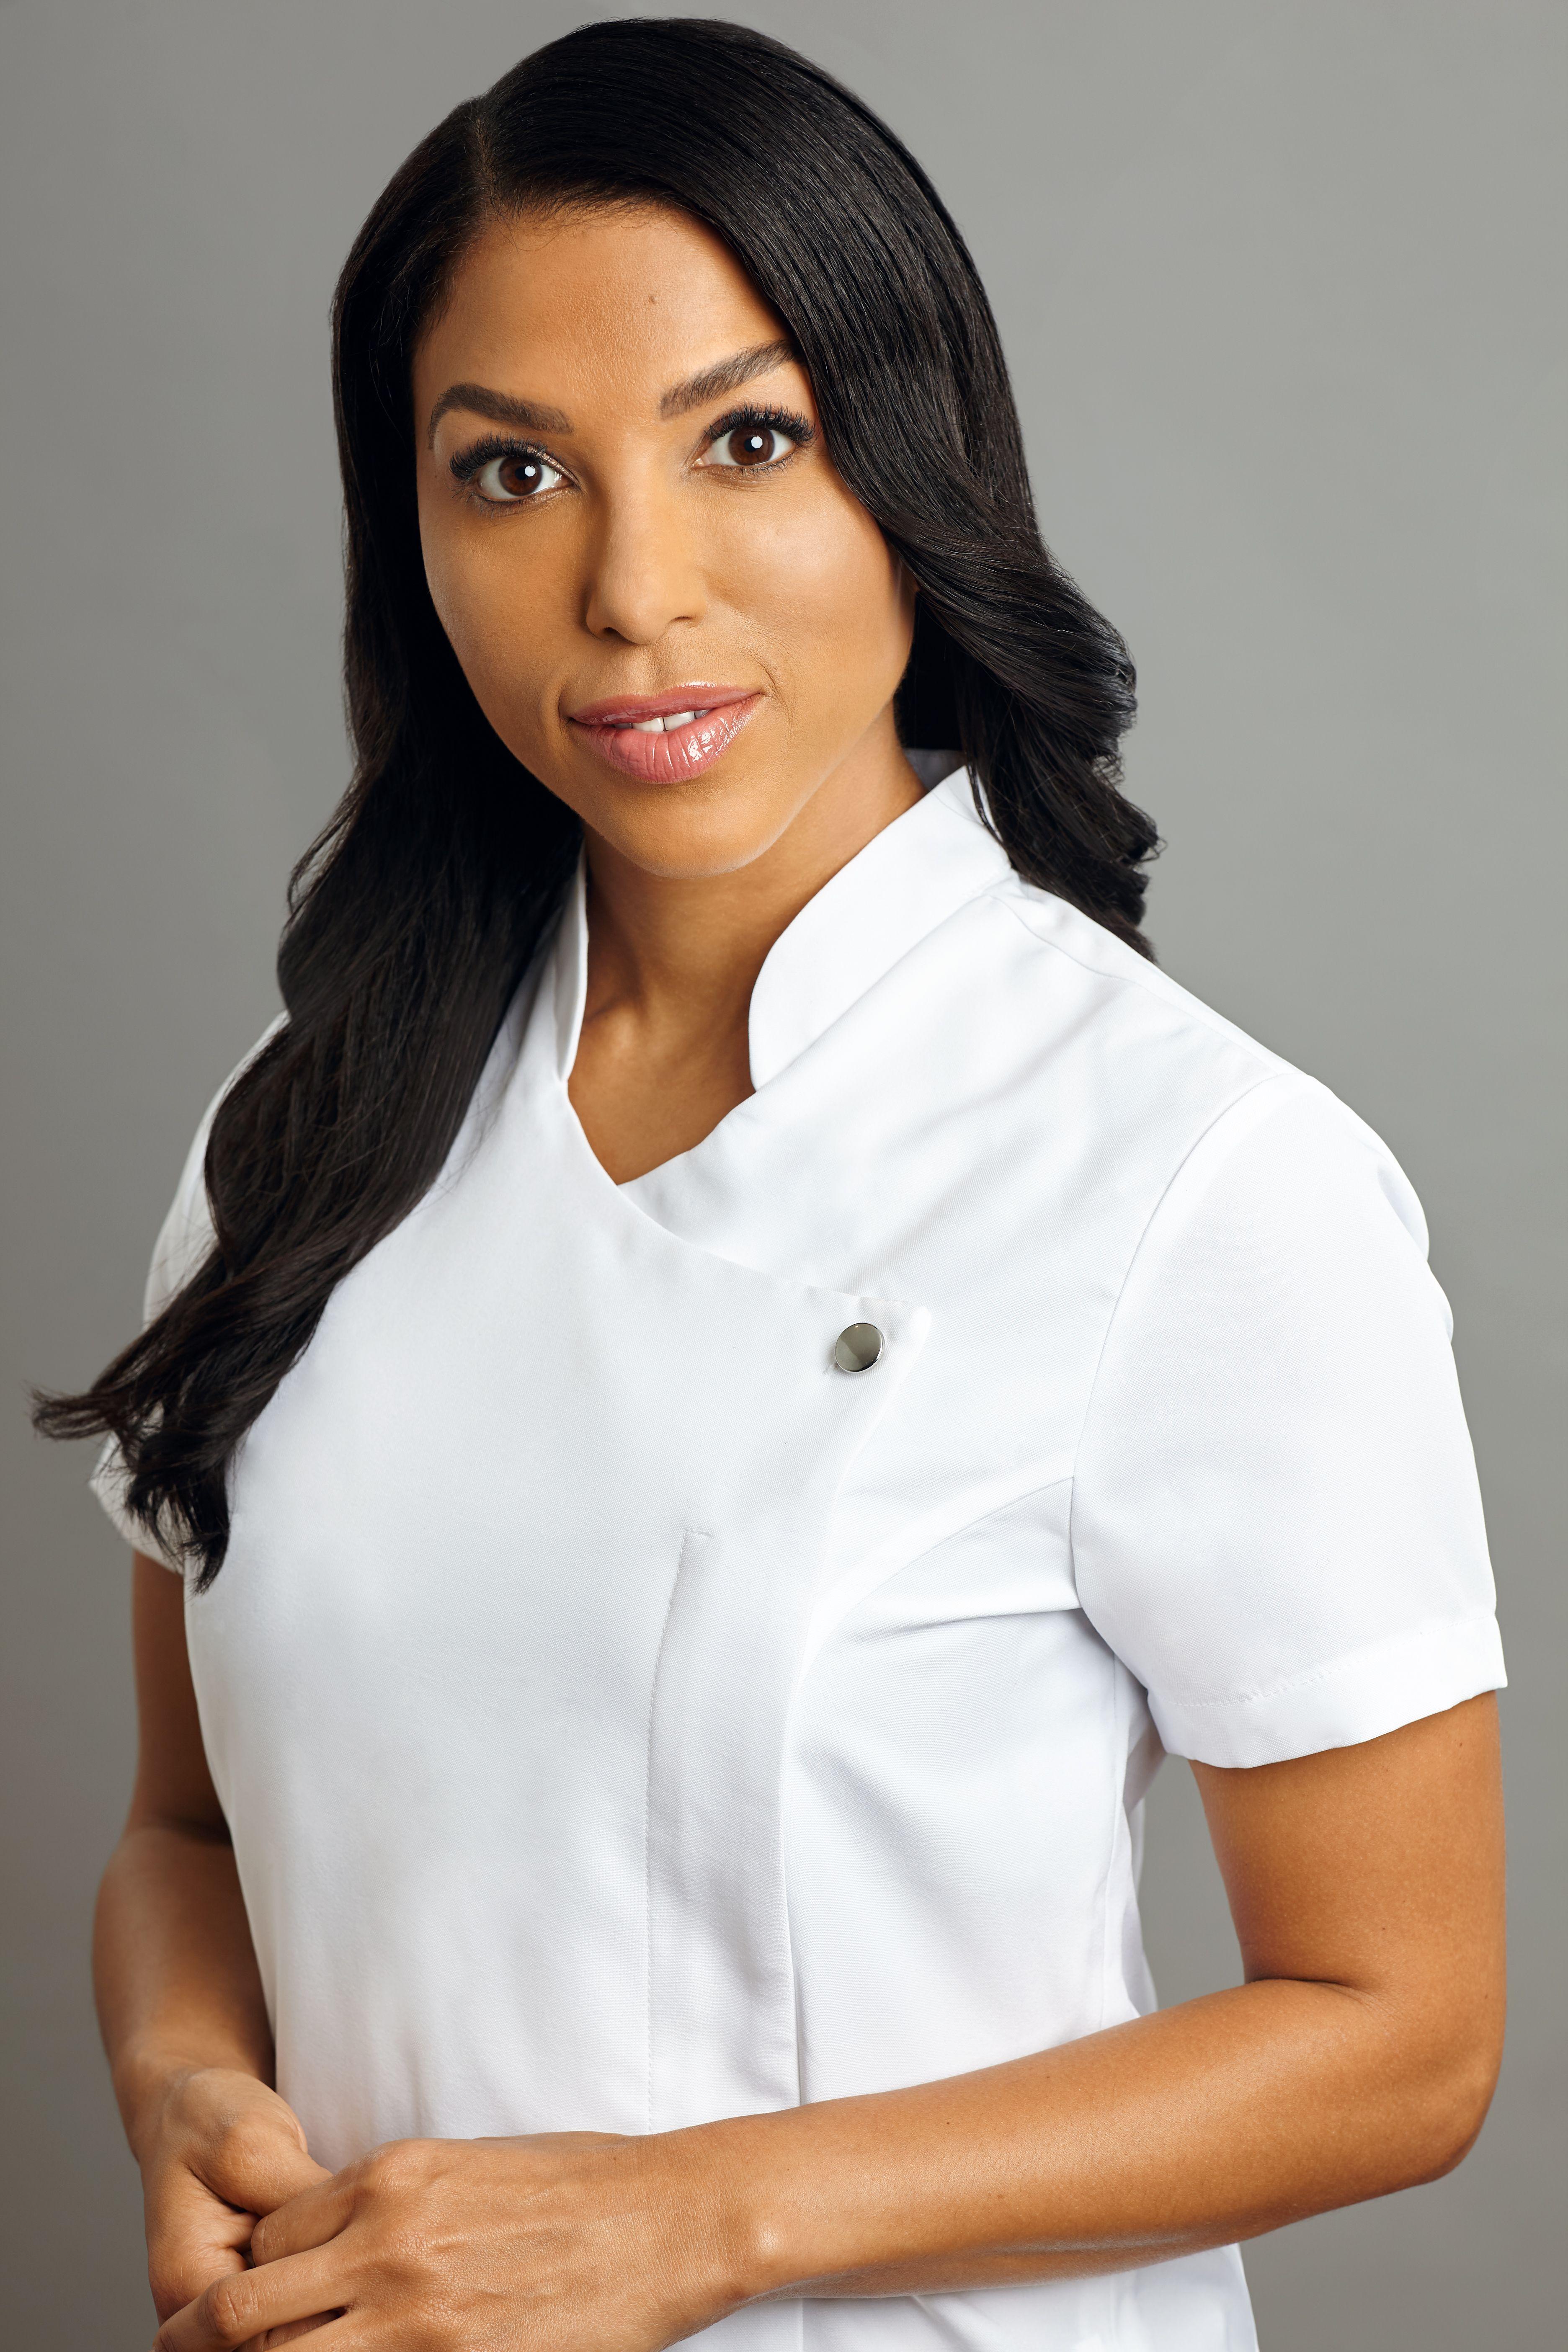 Jessica Amanda